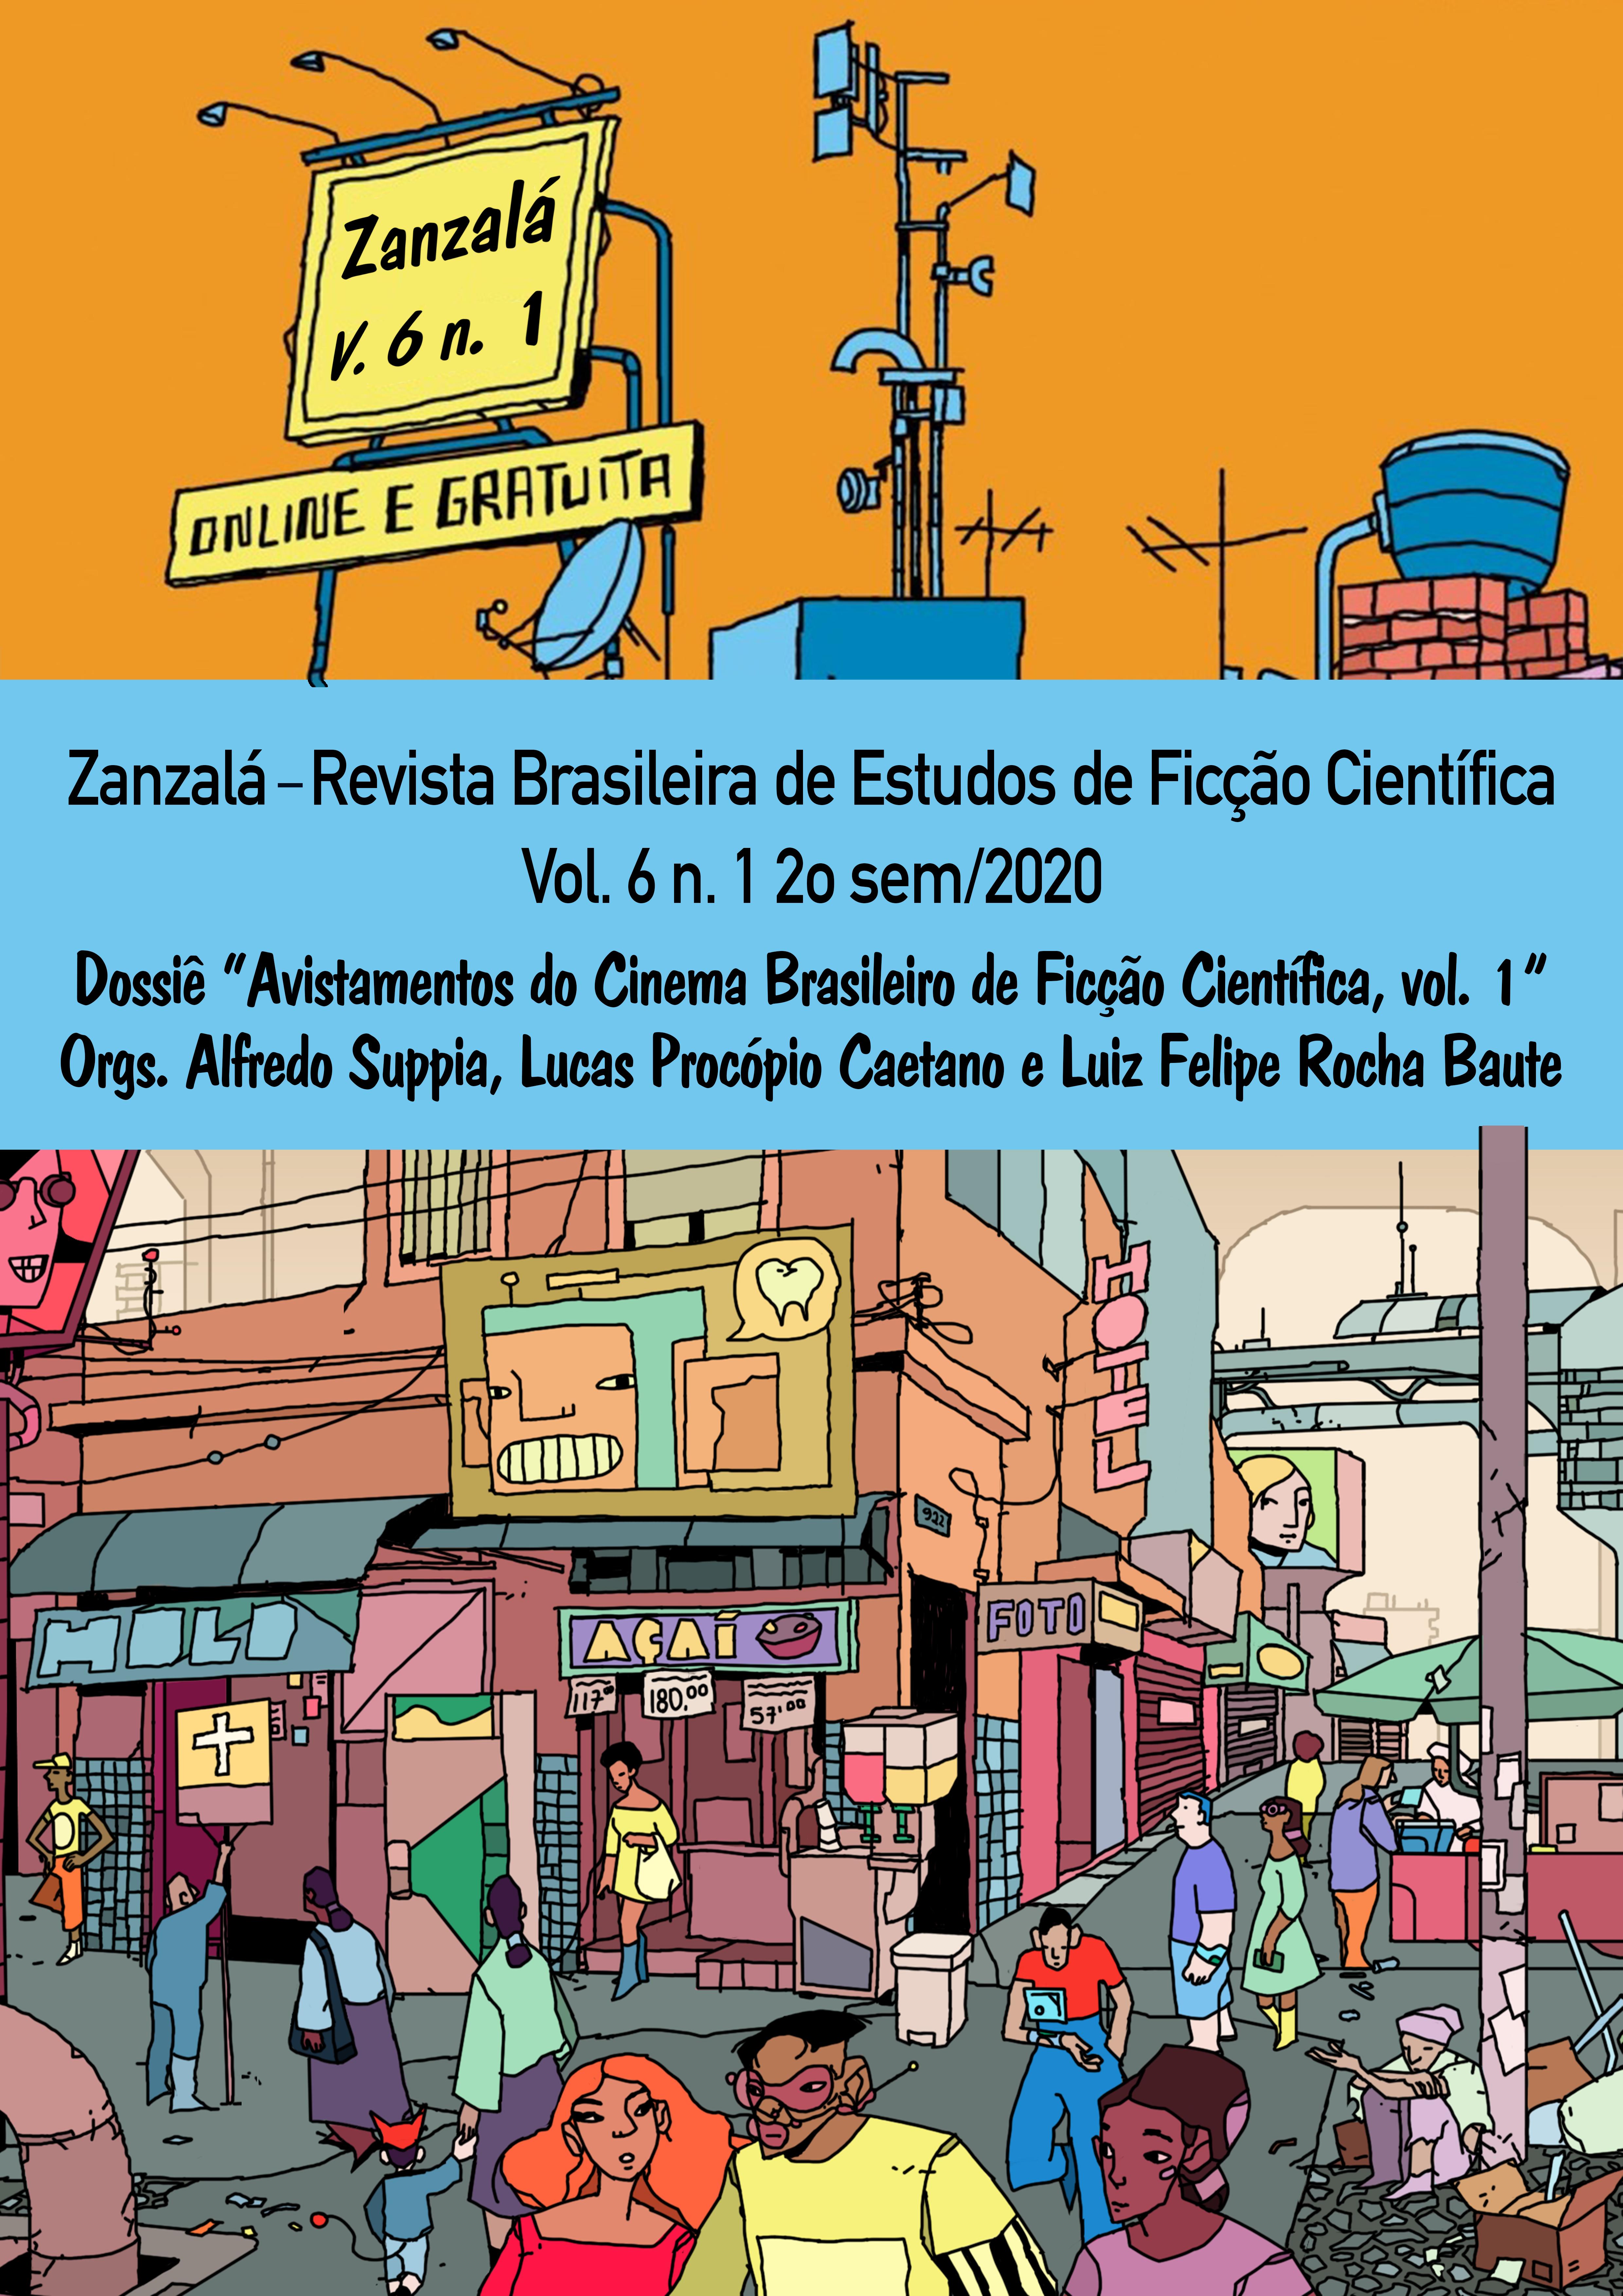 Visualizar v. 6 n. 1 (2020): Avistamentos do Cinema Brasileiro de Ficção Científica (vol. 1)